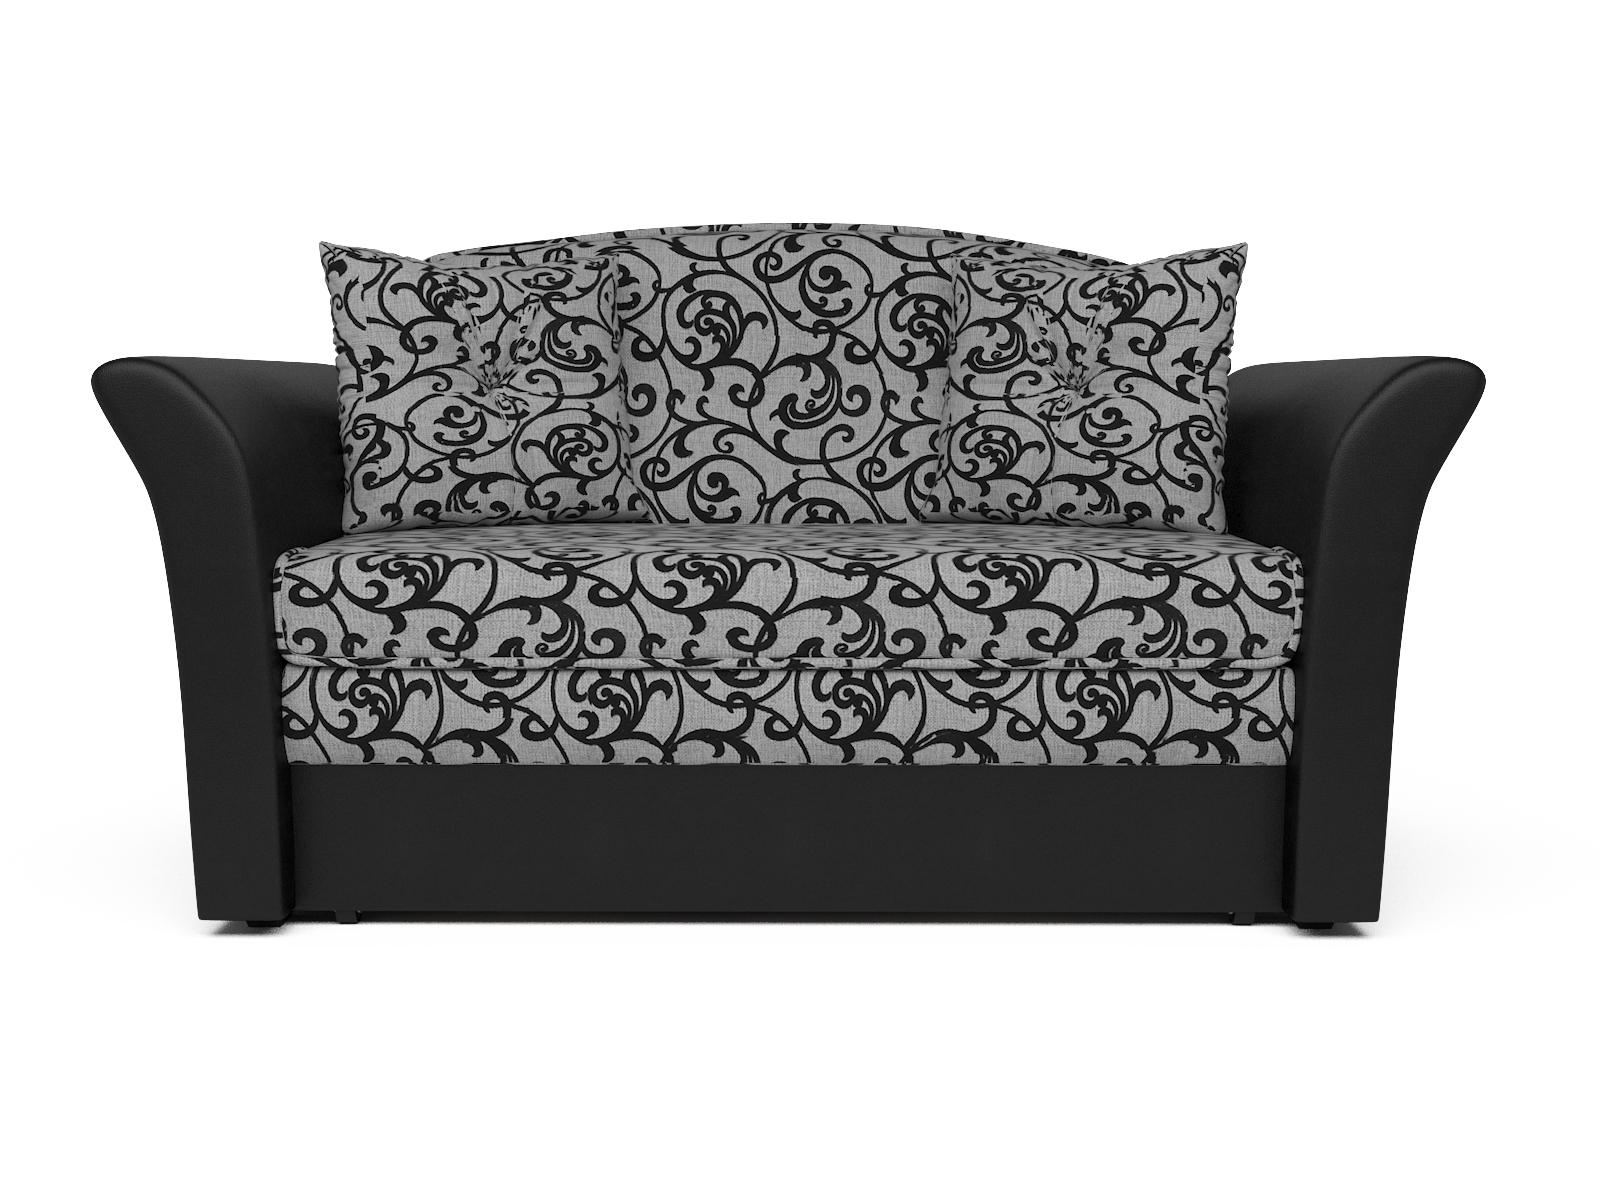 Фото - Диван Малютка 2 MebelVia , Черный, Рогожка, Брус сосны диван малютка 2 mebelvia коричневый рогожка брус сосны